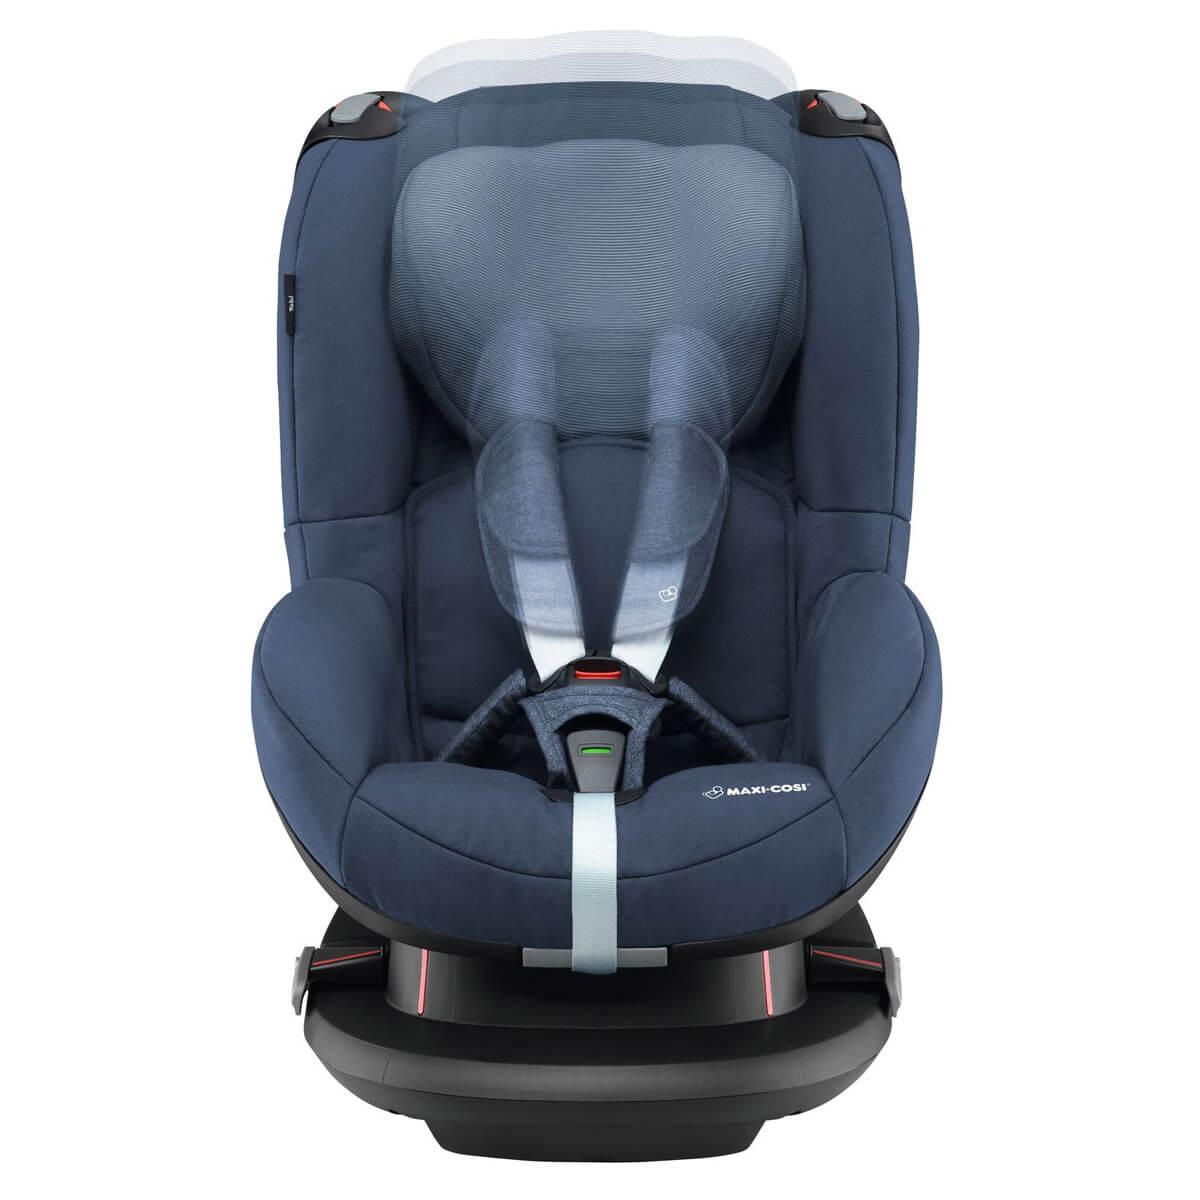 Tobi Adjustable headrest